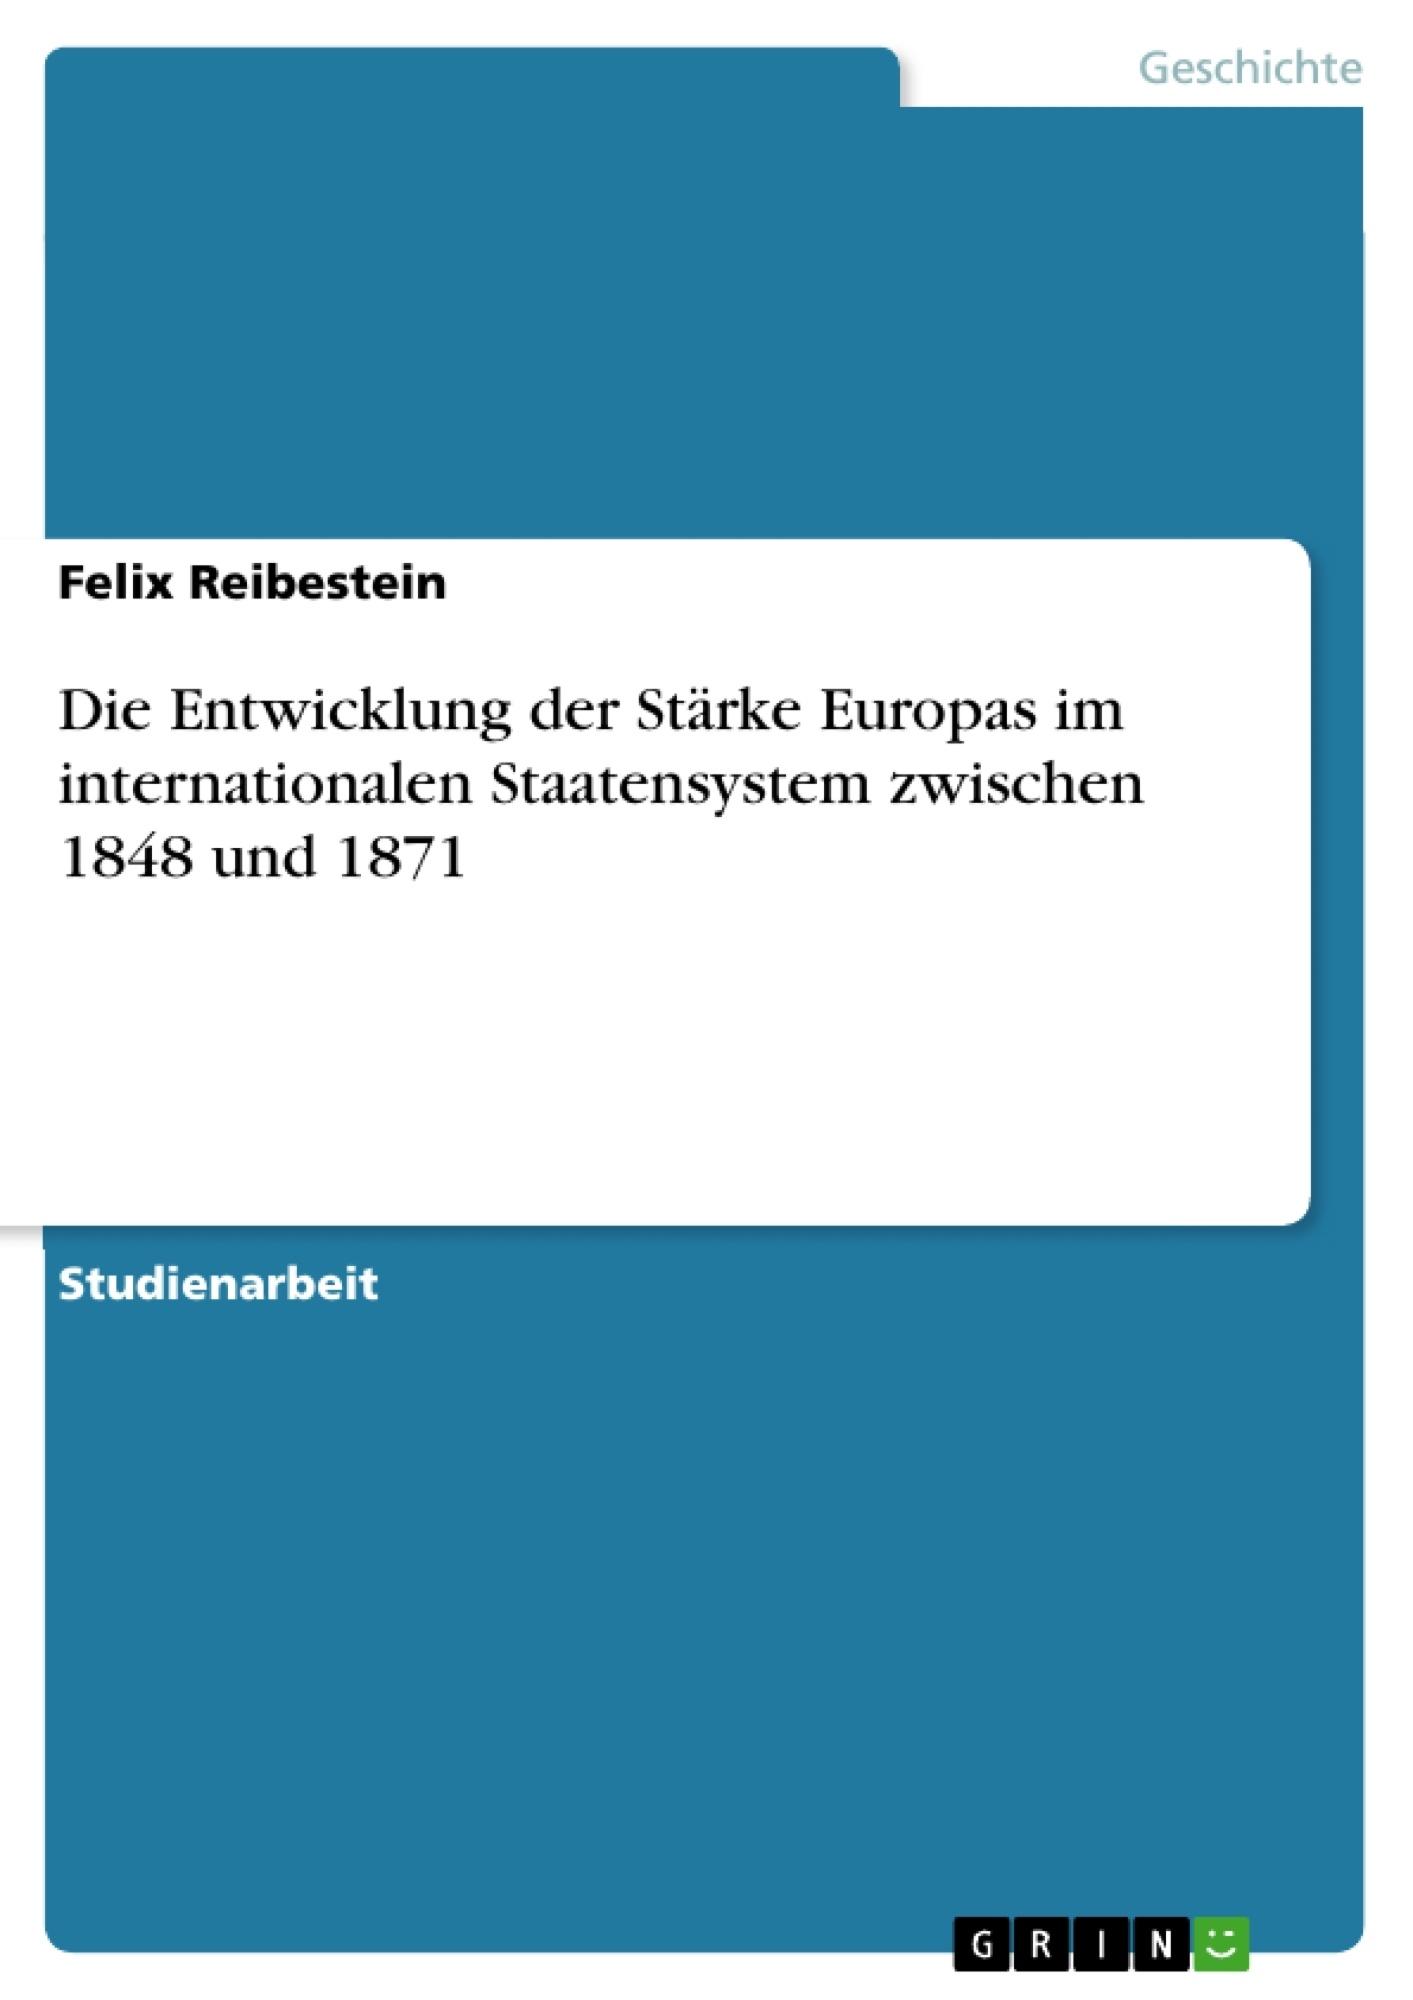 Titel: Die Entwicklung der Stärke Europas im internationalen Staatensystem zwischen 1848 und 1871